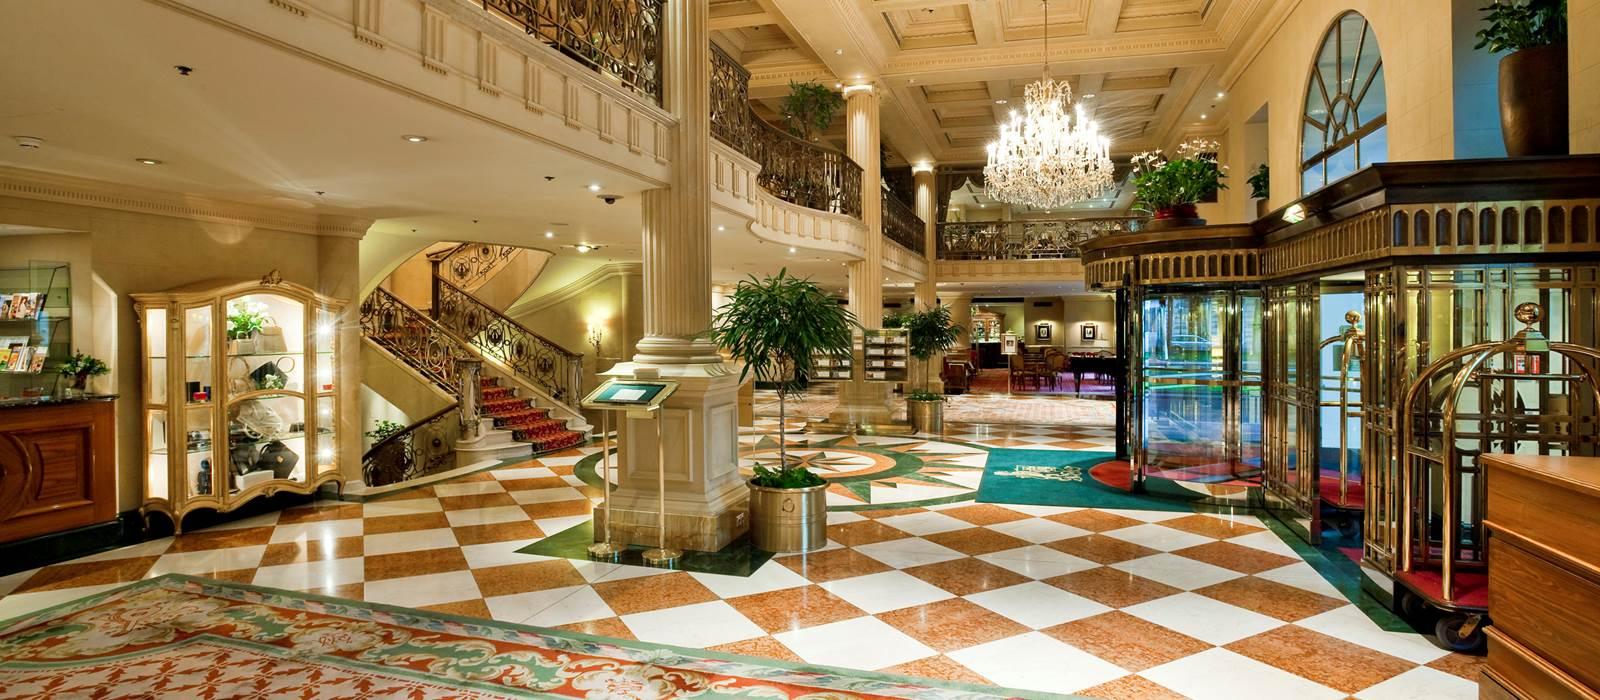 JJW_Grand-Hotel-Wien_Lobby